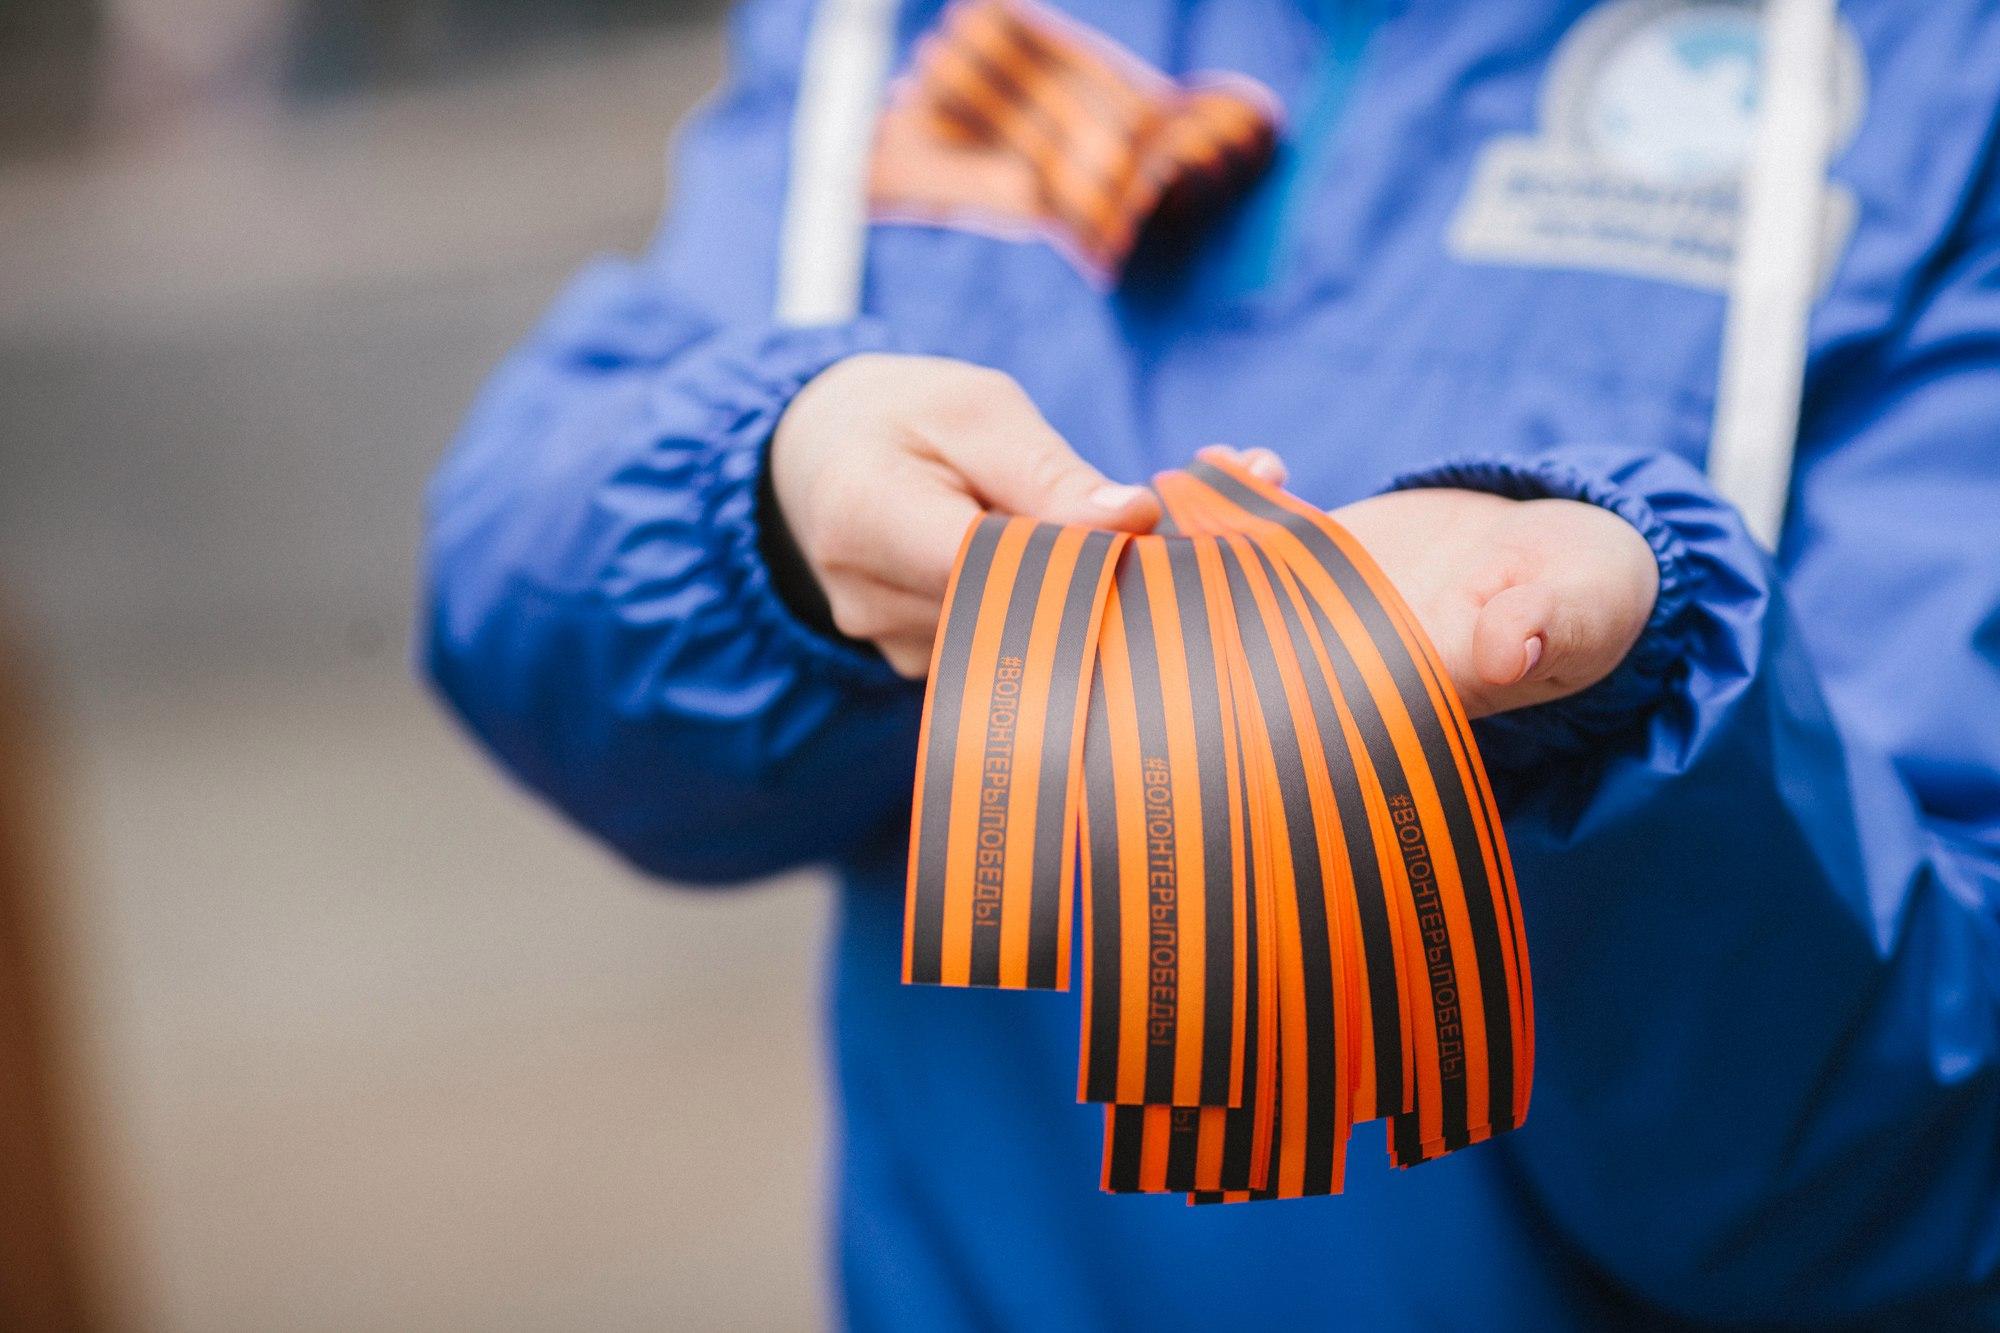 Около 3 млн Георгиевских ленточек раздадут в российских городах